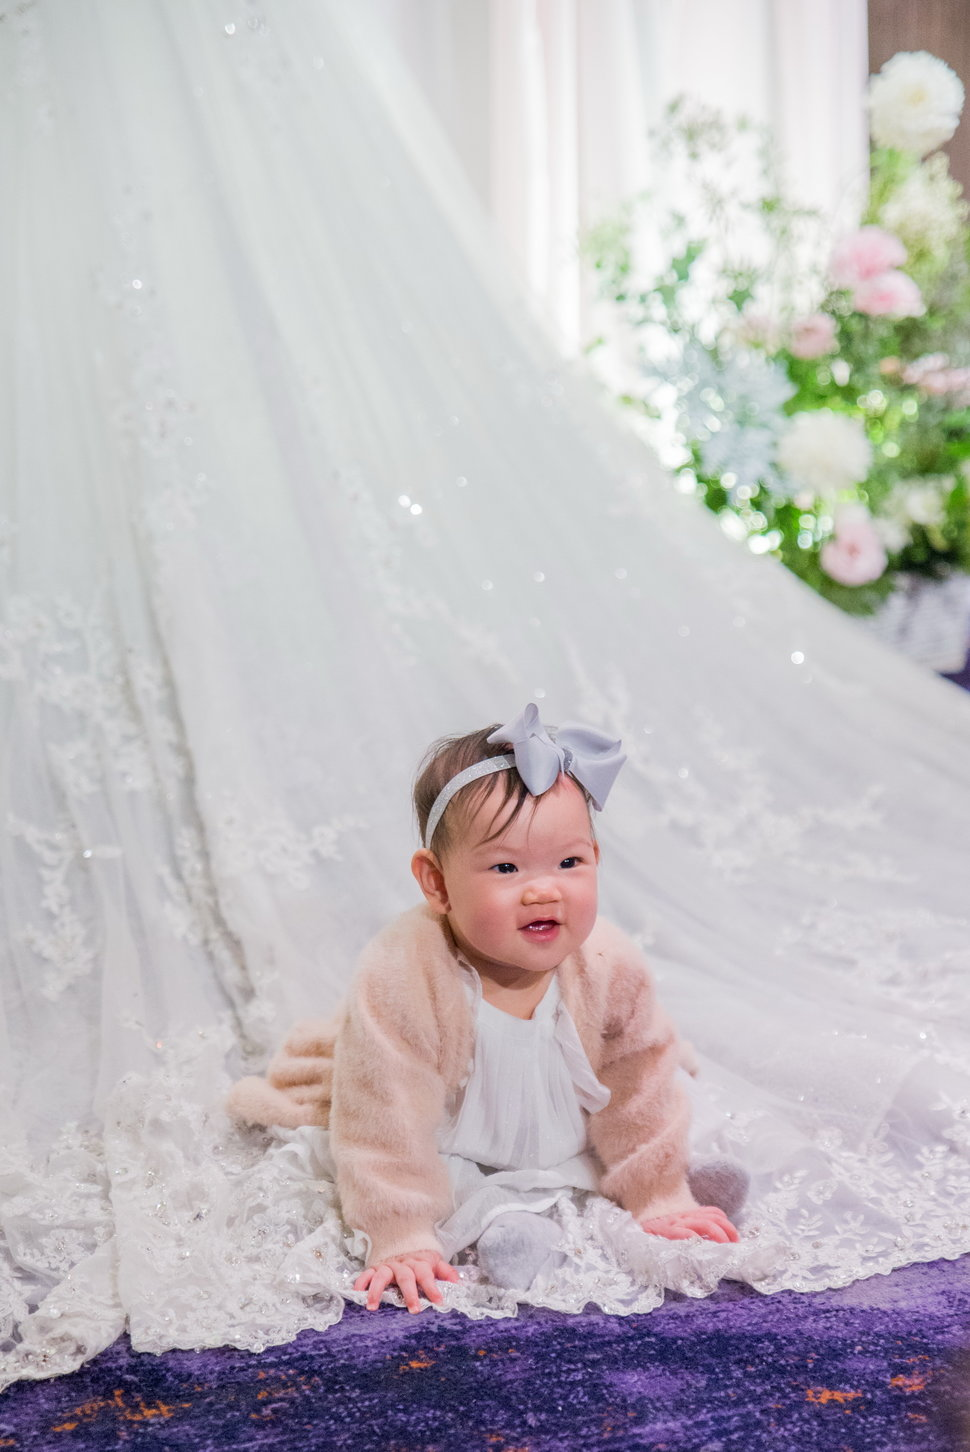 WID_2286_調整大小 - 幸福花嬛 影像企劃 - 結婚吧